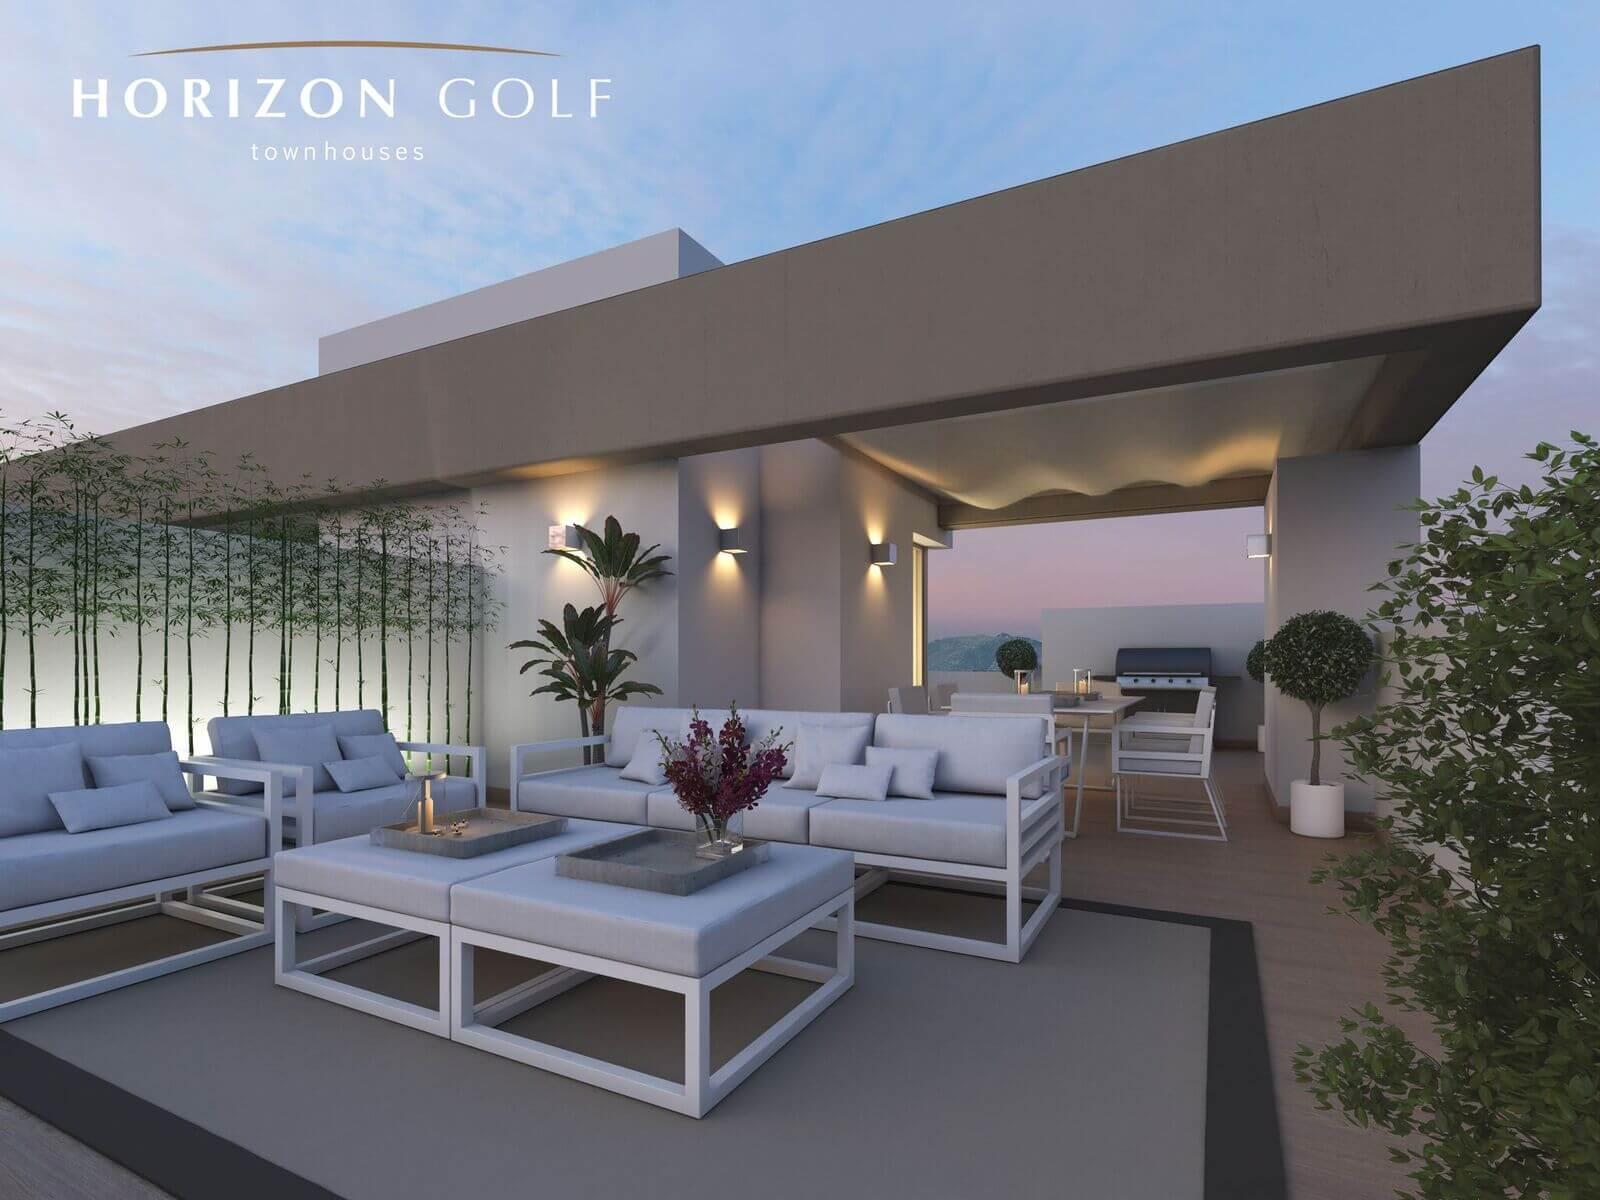 horizon golf la cala mijas huis dakterras salon